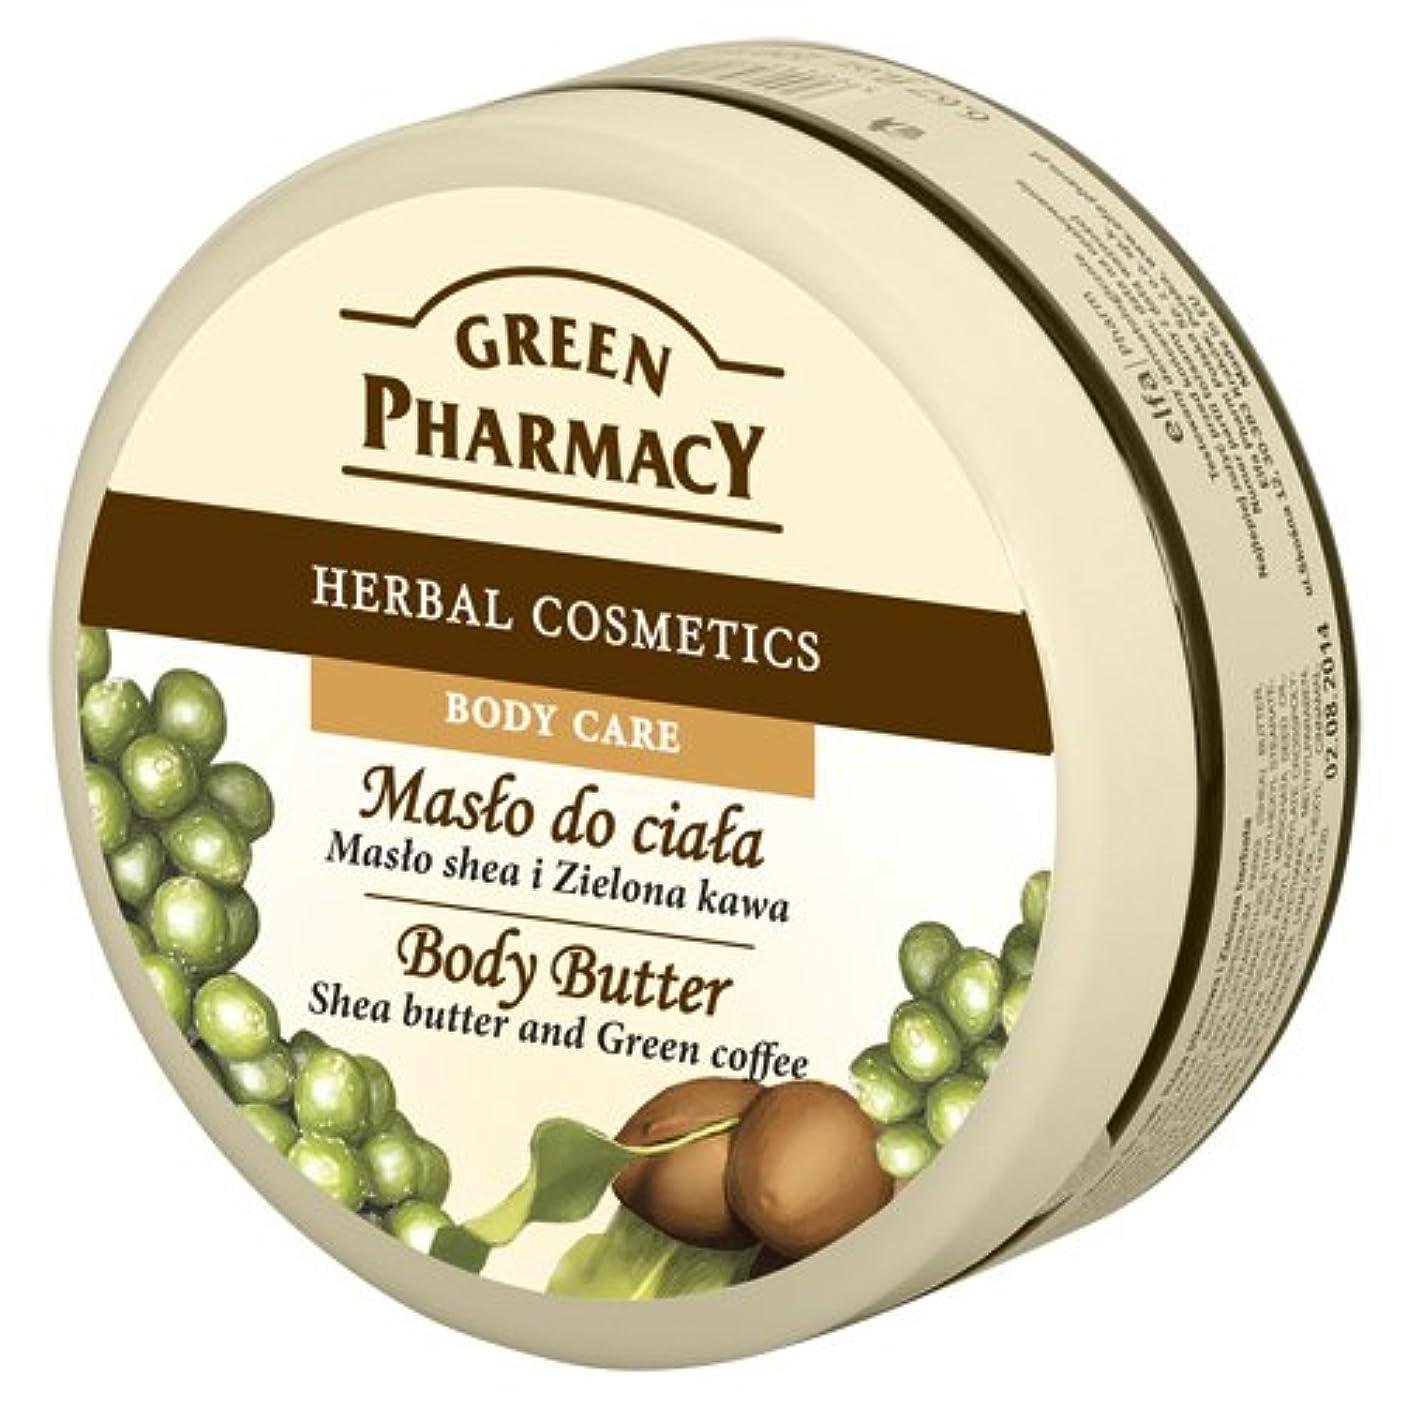 反対したバーガー地中海Elfa Pharm Green Pharmacy グリーンファーマシー Body Butter ボディバター Shea Butter and Green Coffee